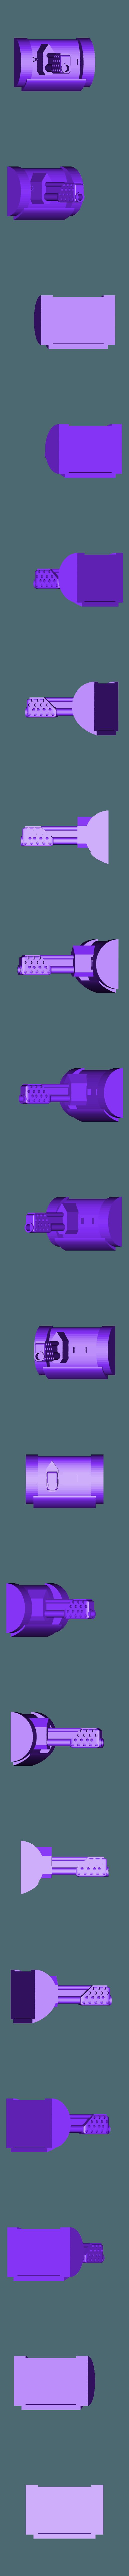 4_rad_single_flamer.stl Télécharger fichier STL gratuit Vehcile de jeu de science-fiction Flamwagen à 4 rayons • Objet imprimable en 3D, redstarkits